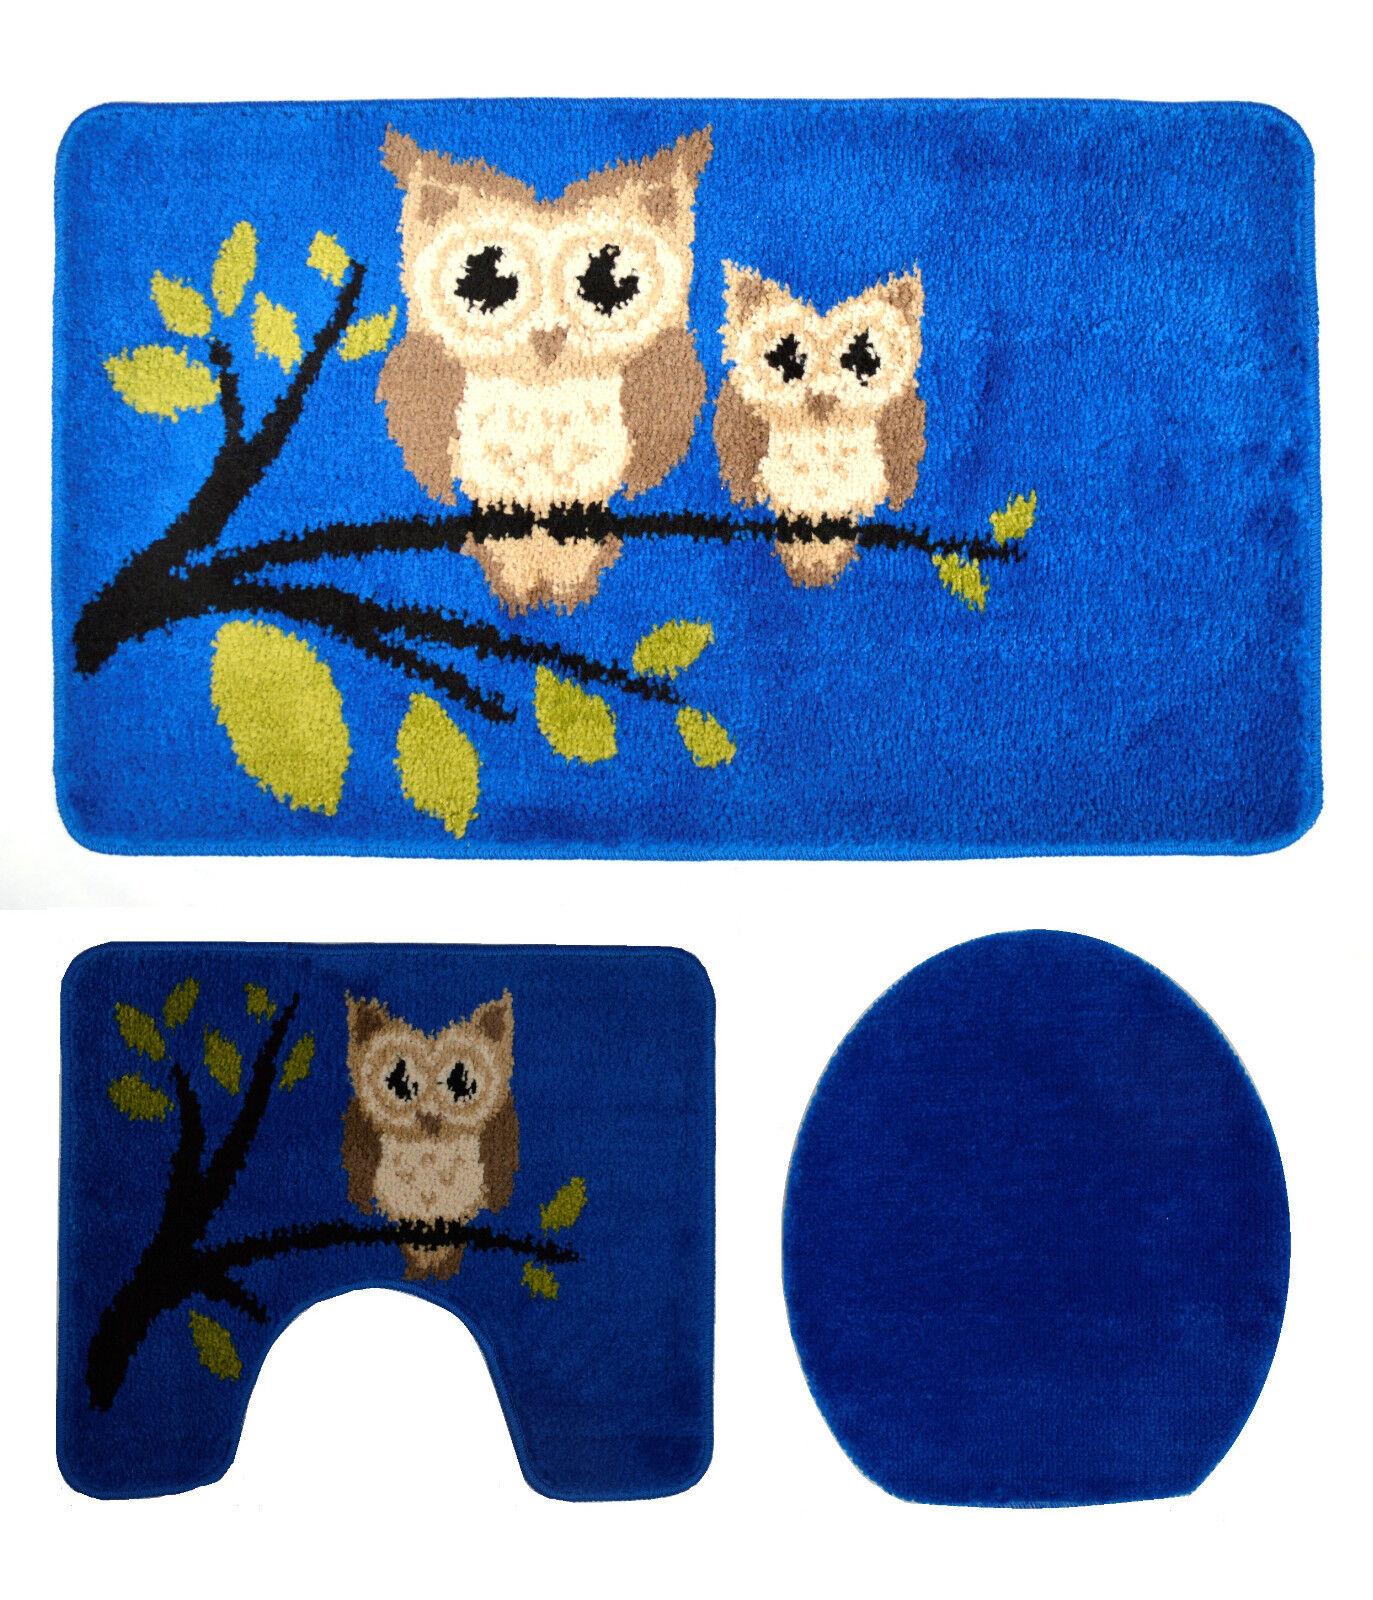 Badgarnitur Badteppich Badezimmergarnitur 3 Teilig 100x60cm Blau Mit Motiv  Eule